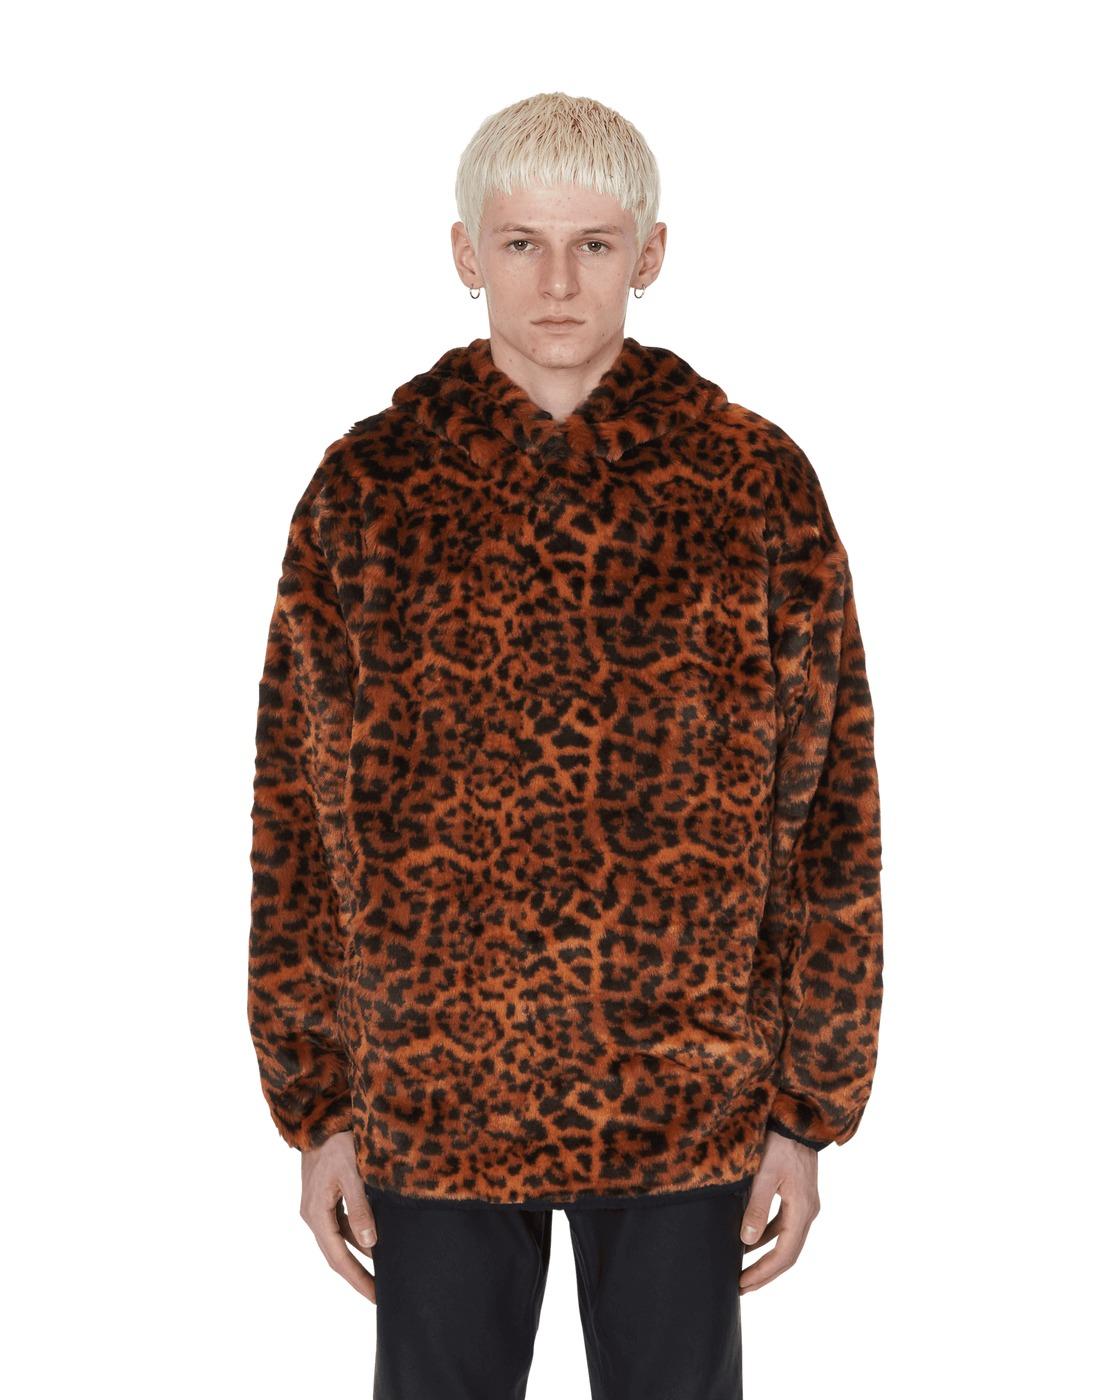 Aries Leopard Faux Fur Hooded Sweatshirt Leopard